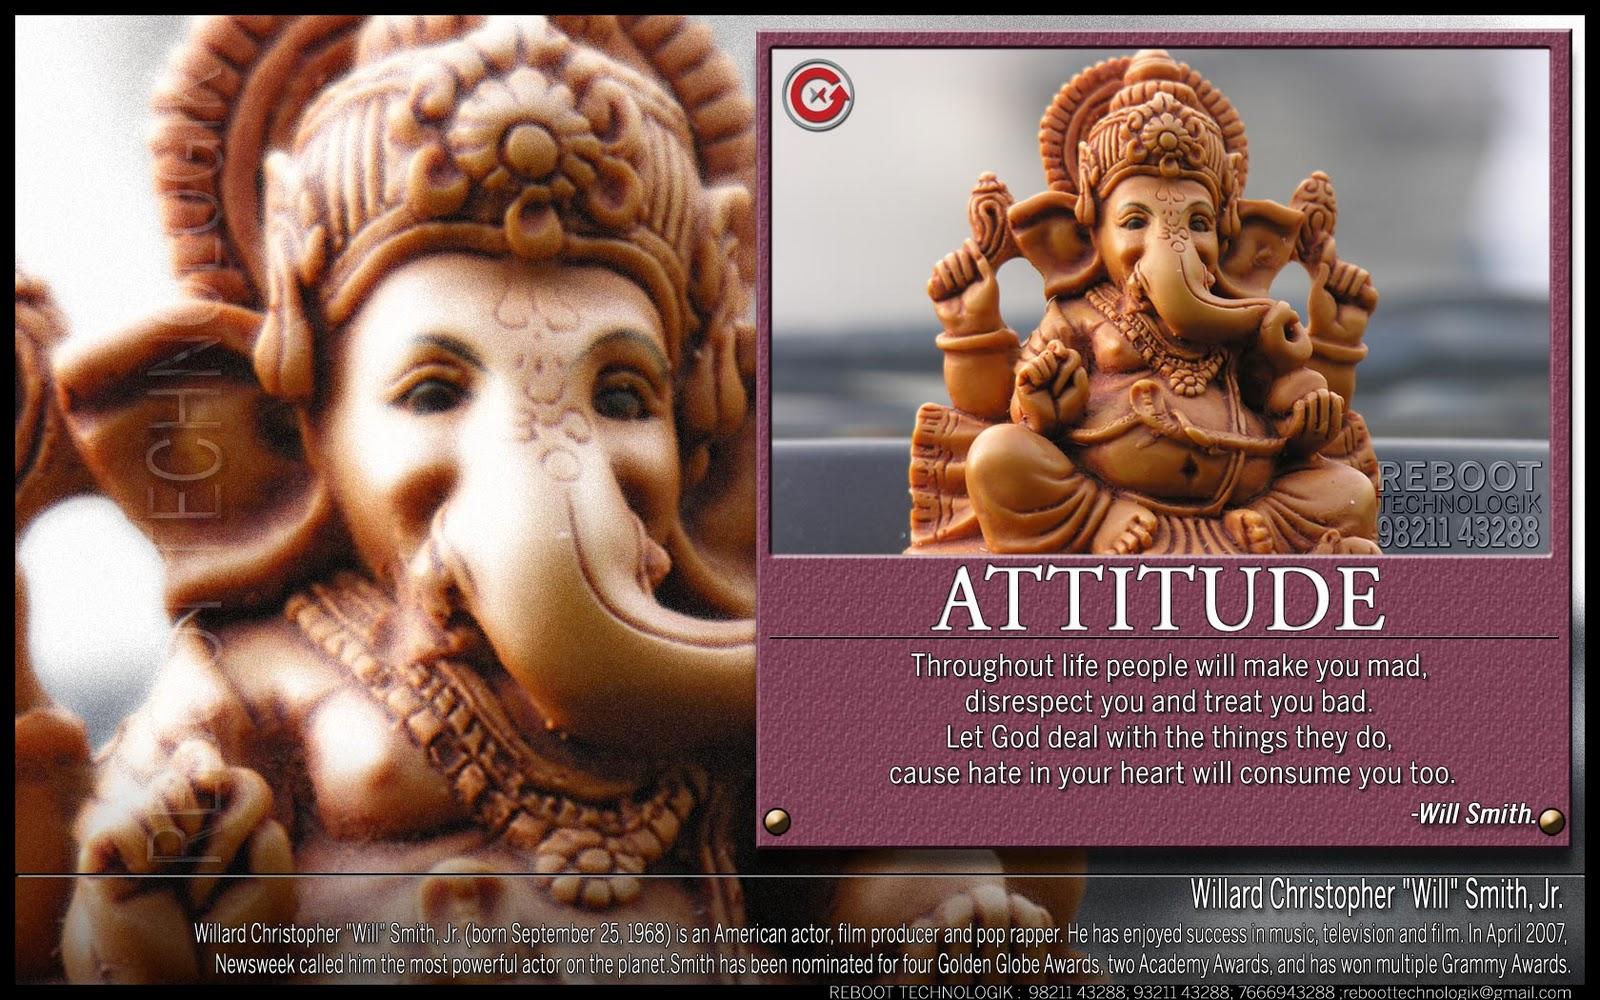 http://1.bp.blogspot.com/-A4S1vumC95g/TwvfCQ56niI/AAAAAAAABO0/lsOhqmk2FWI/s1600/Quotes+On+Desk-Attitude5.jpg